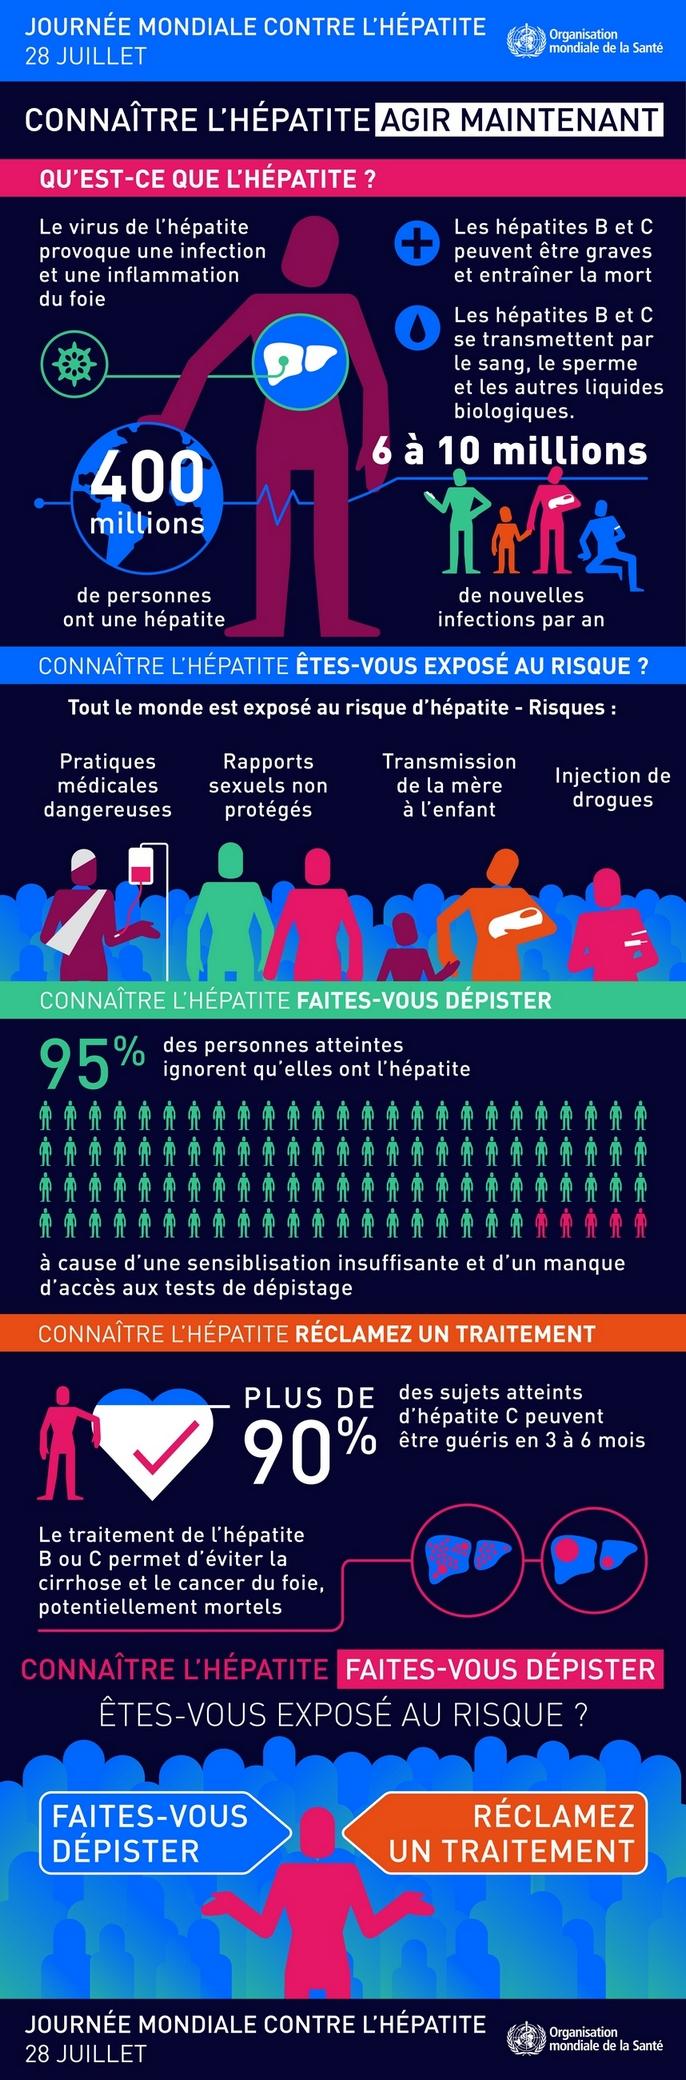 Journée mondiale contre l'hépatite : la maladie en infographie